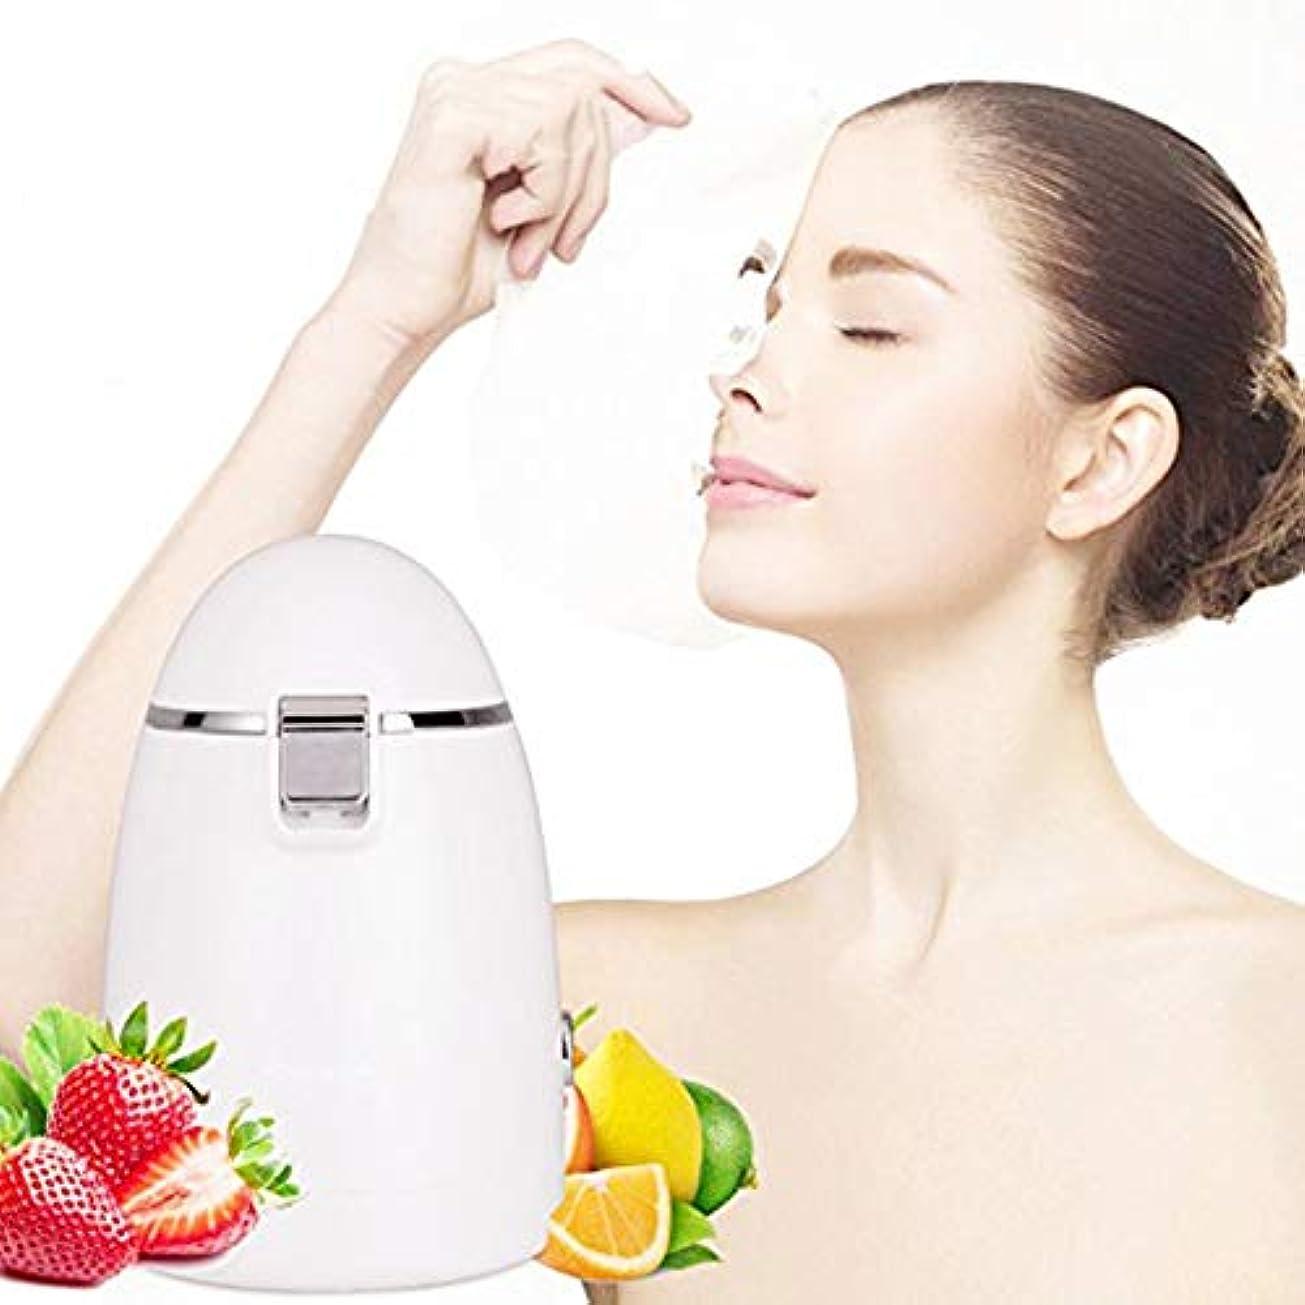 腐ったタバコ風刺マスクマシン、自家製家庭用マスクマシン自動多機能攪拌加熱果物と野菜 DIY マスクフルーツマスク